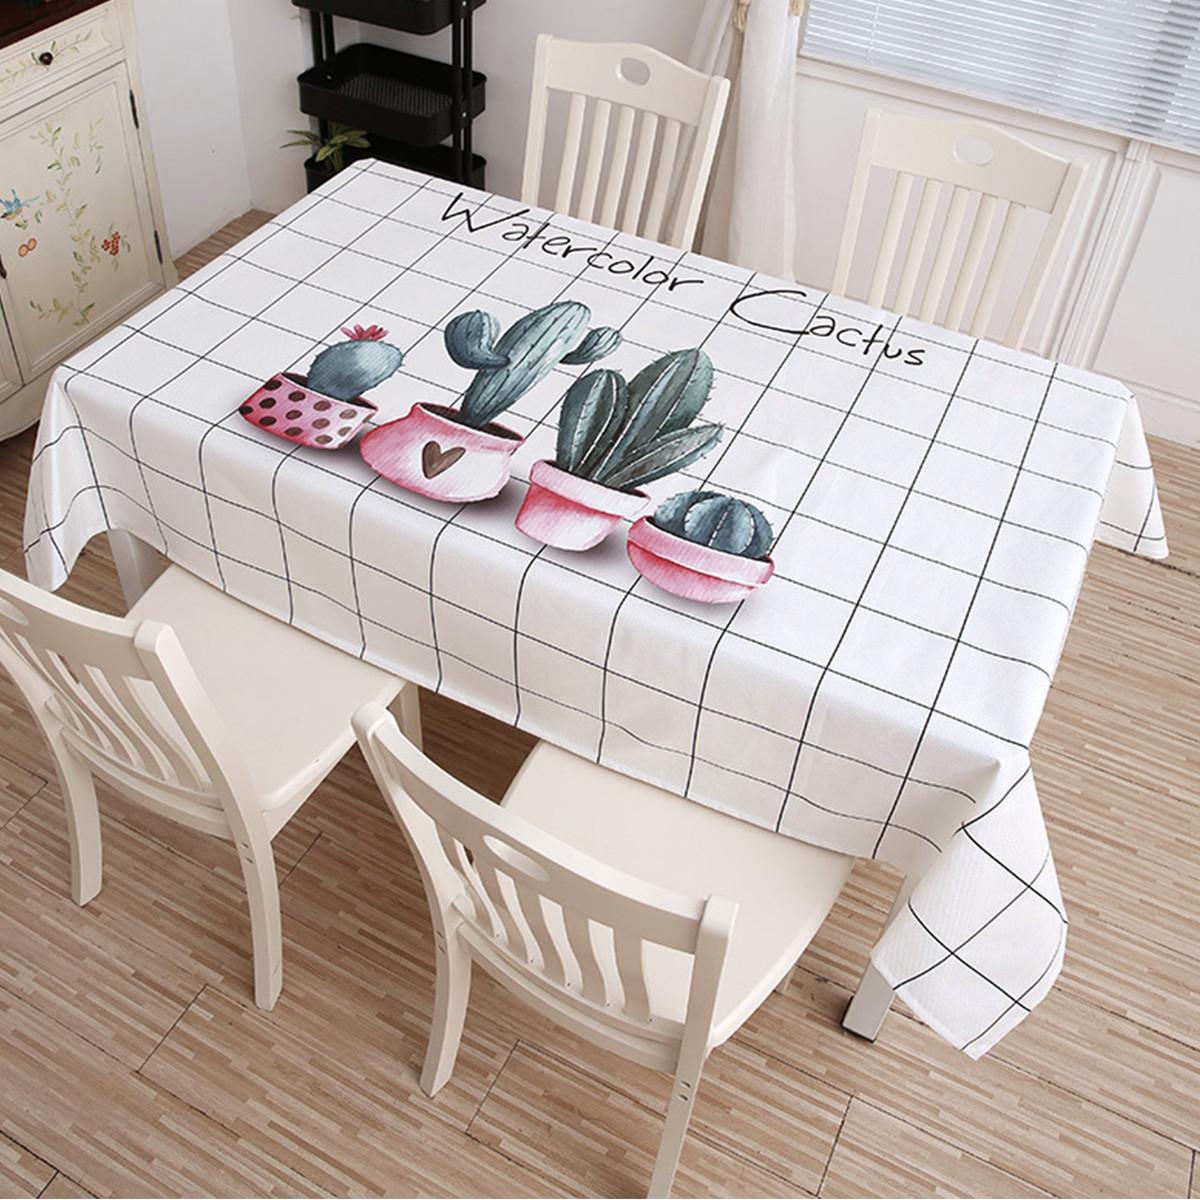 雪恋花桌布防水防油免洗桌垫餐桌布棉麻布艺茶几垫书桌ins学生北欧color